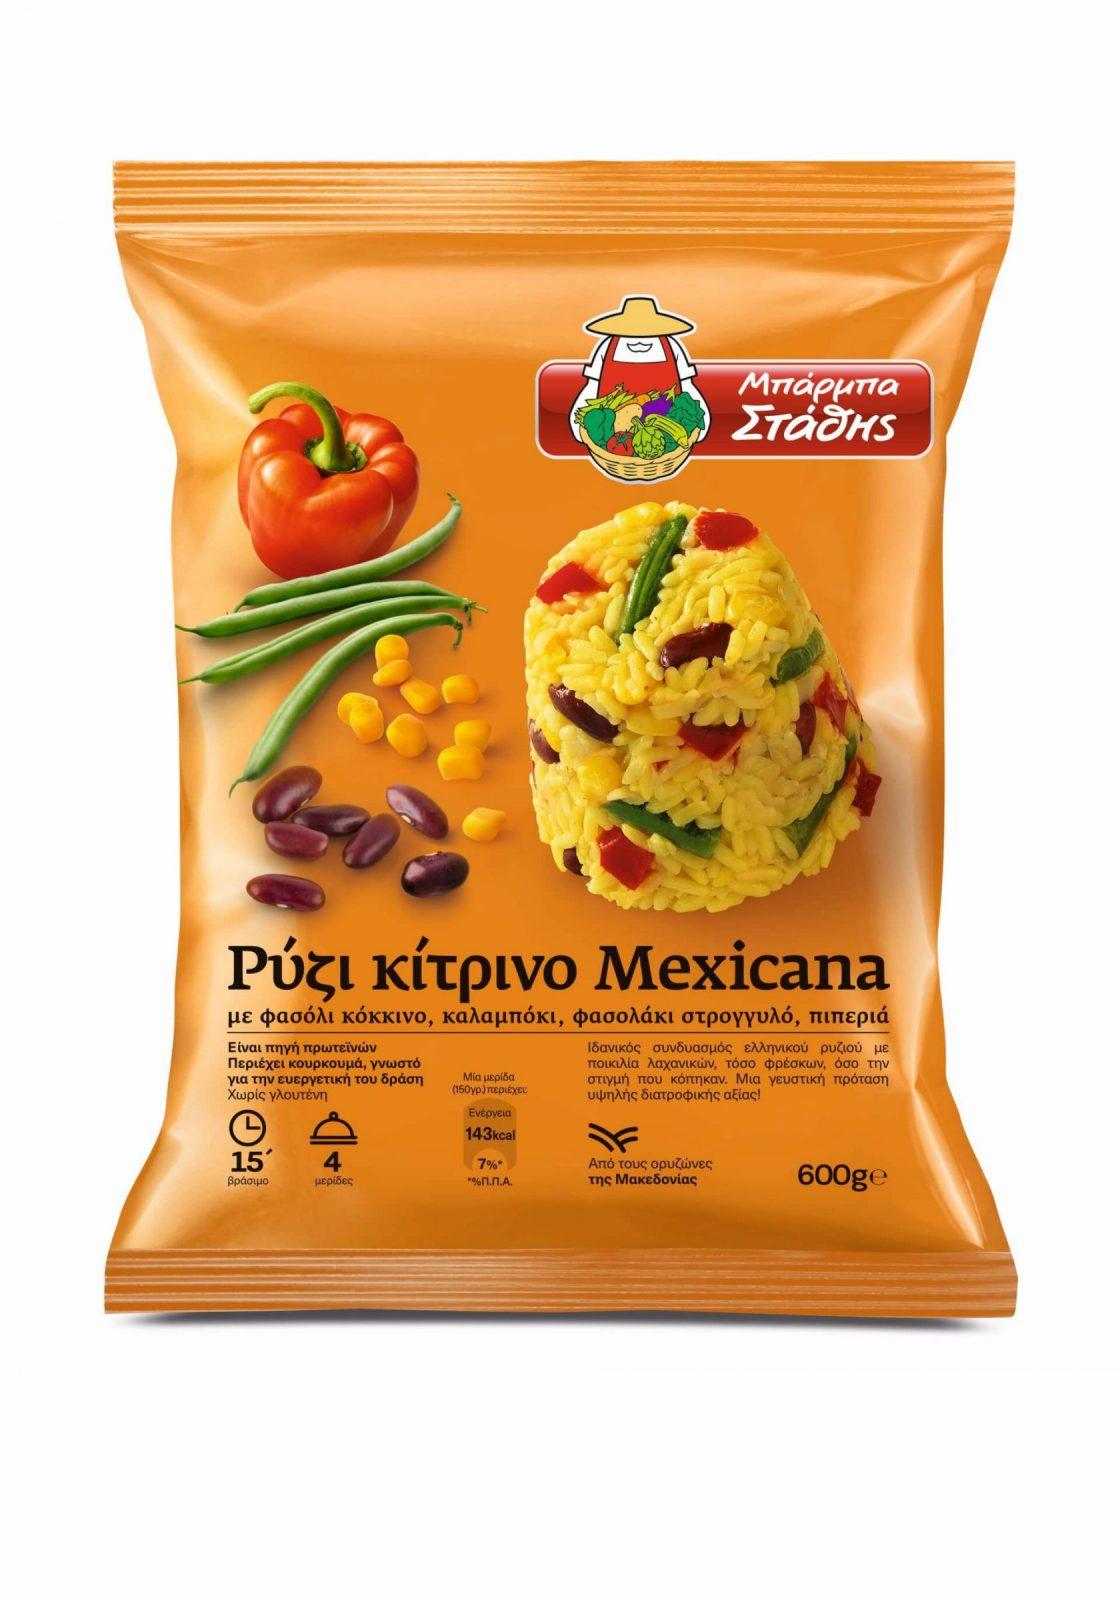 rizi kitrino me mexicana 600g scaled